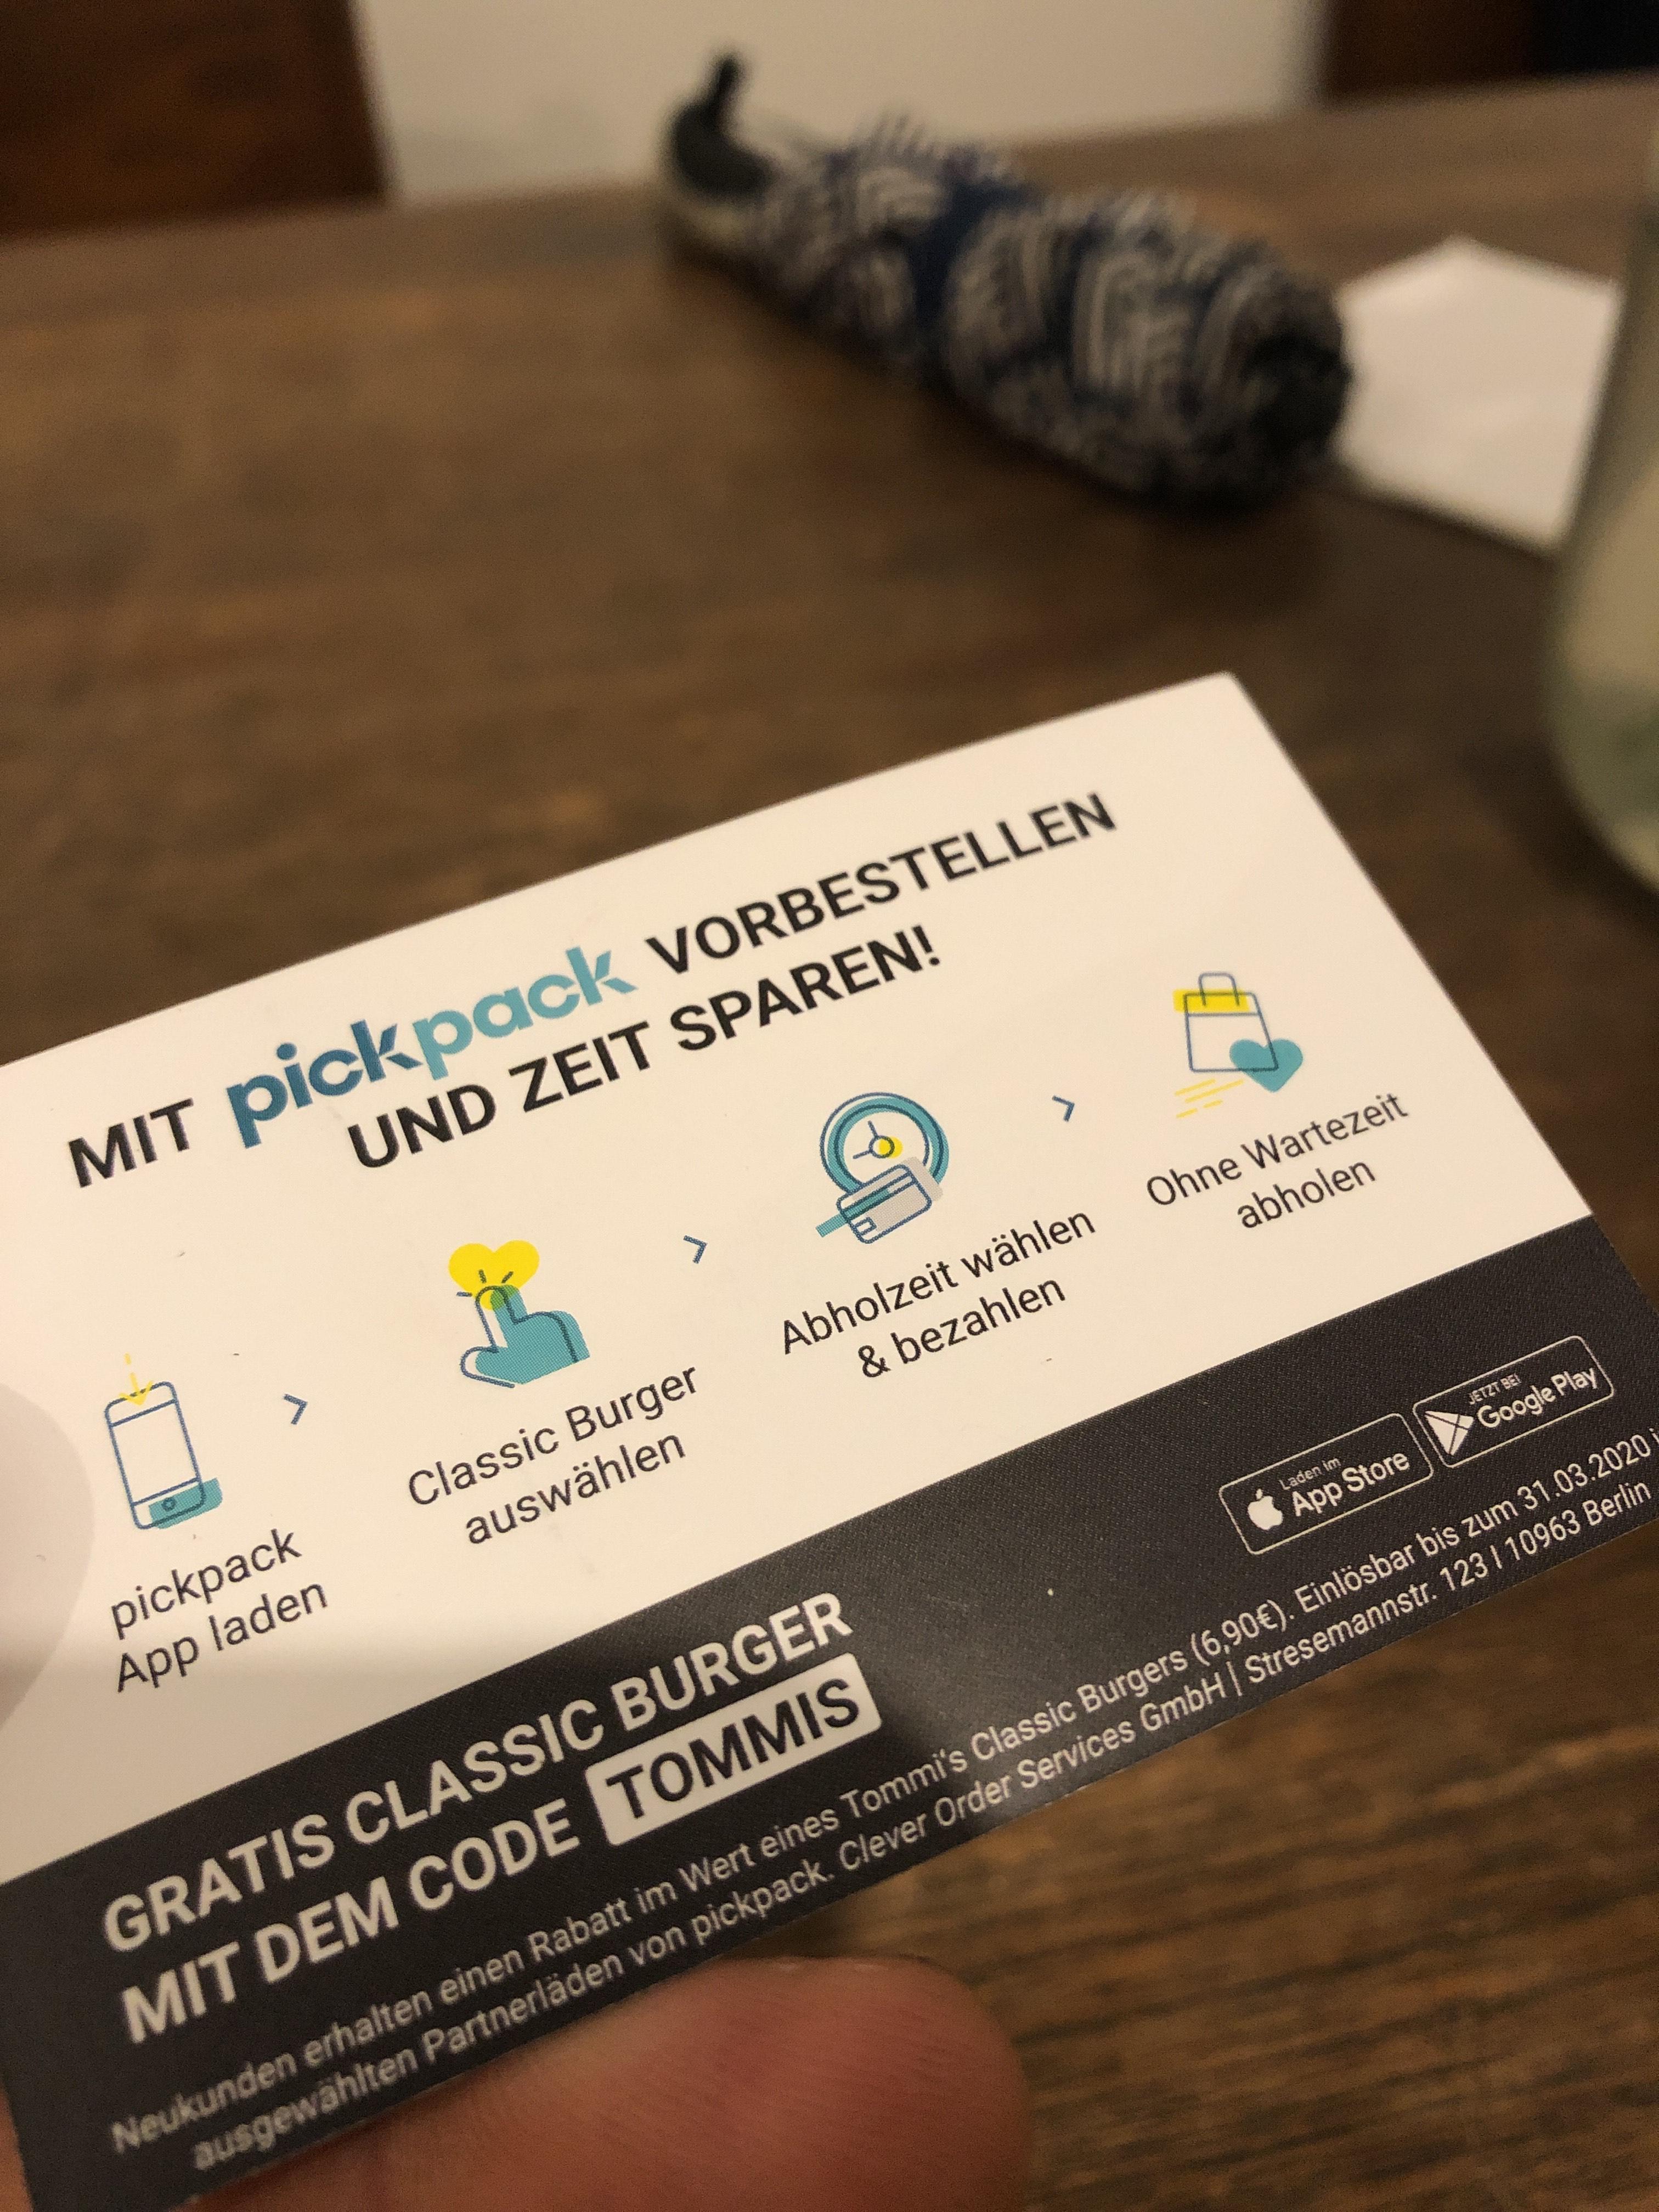 [Lokal] Berlin - Tommis Klassik Burger kostenlos über pickpack